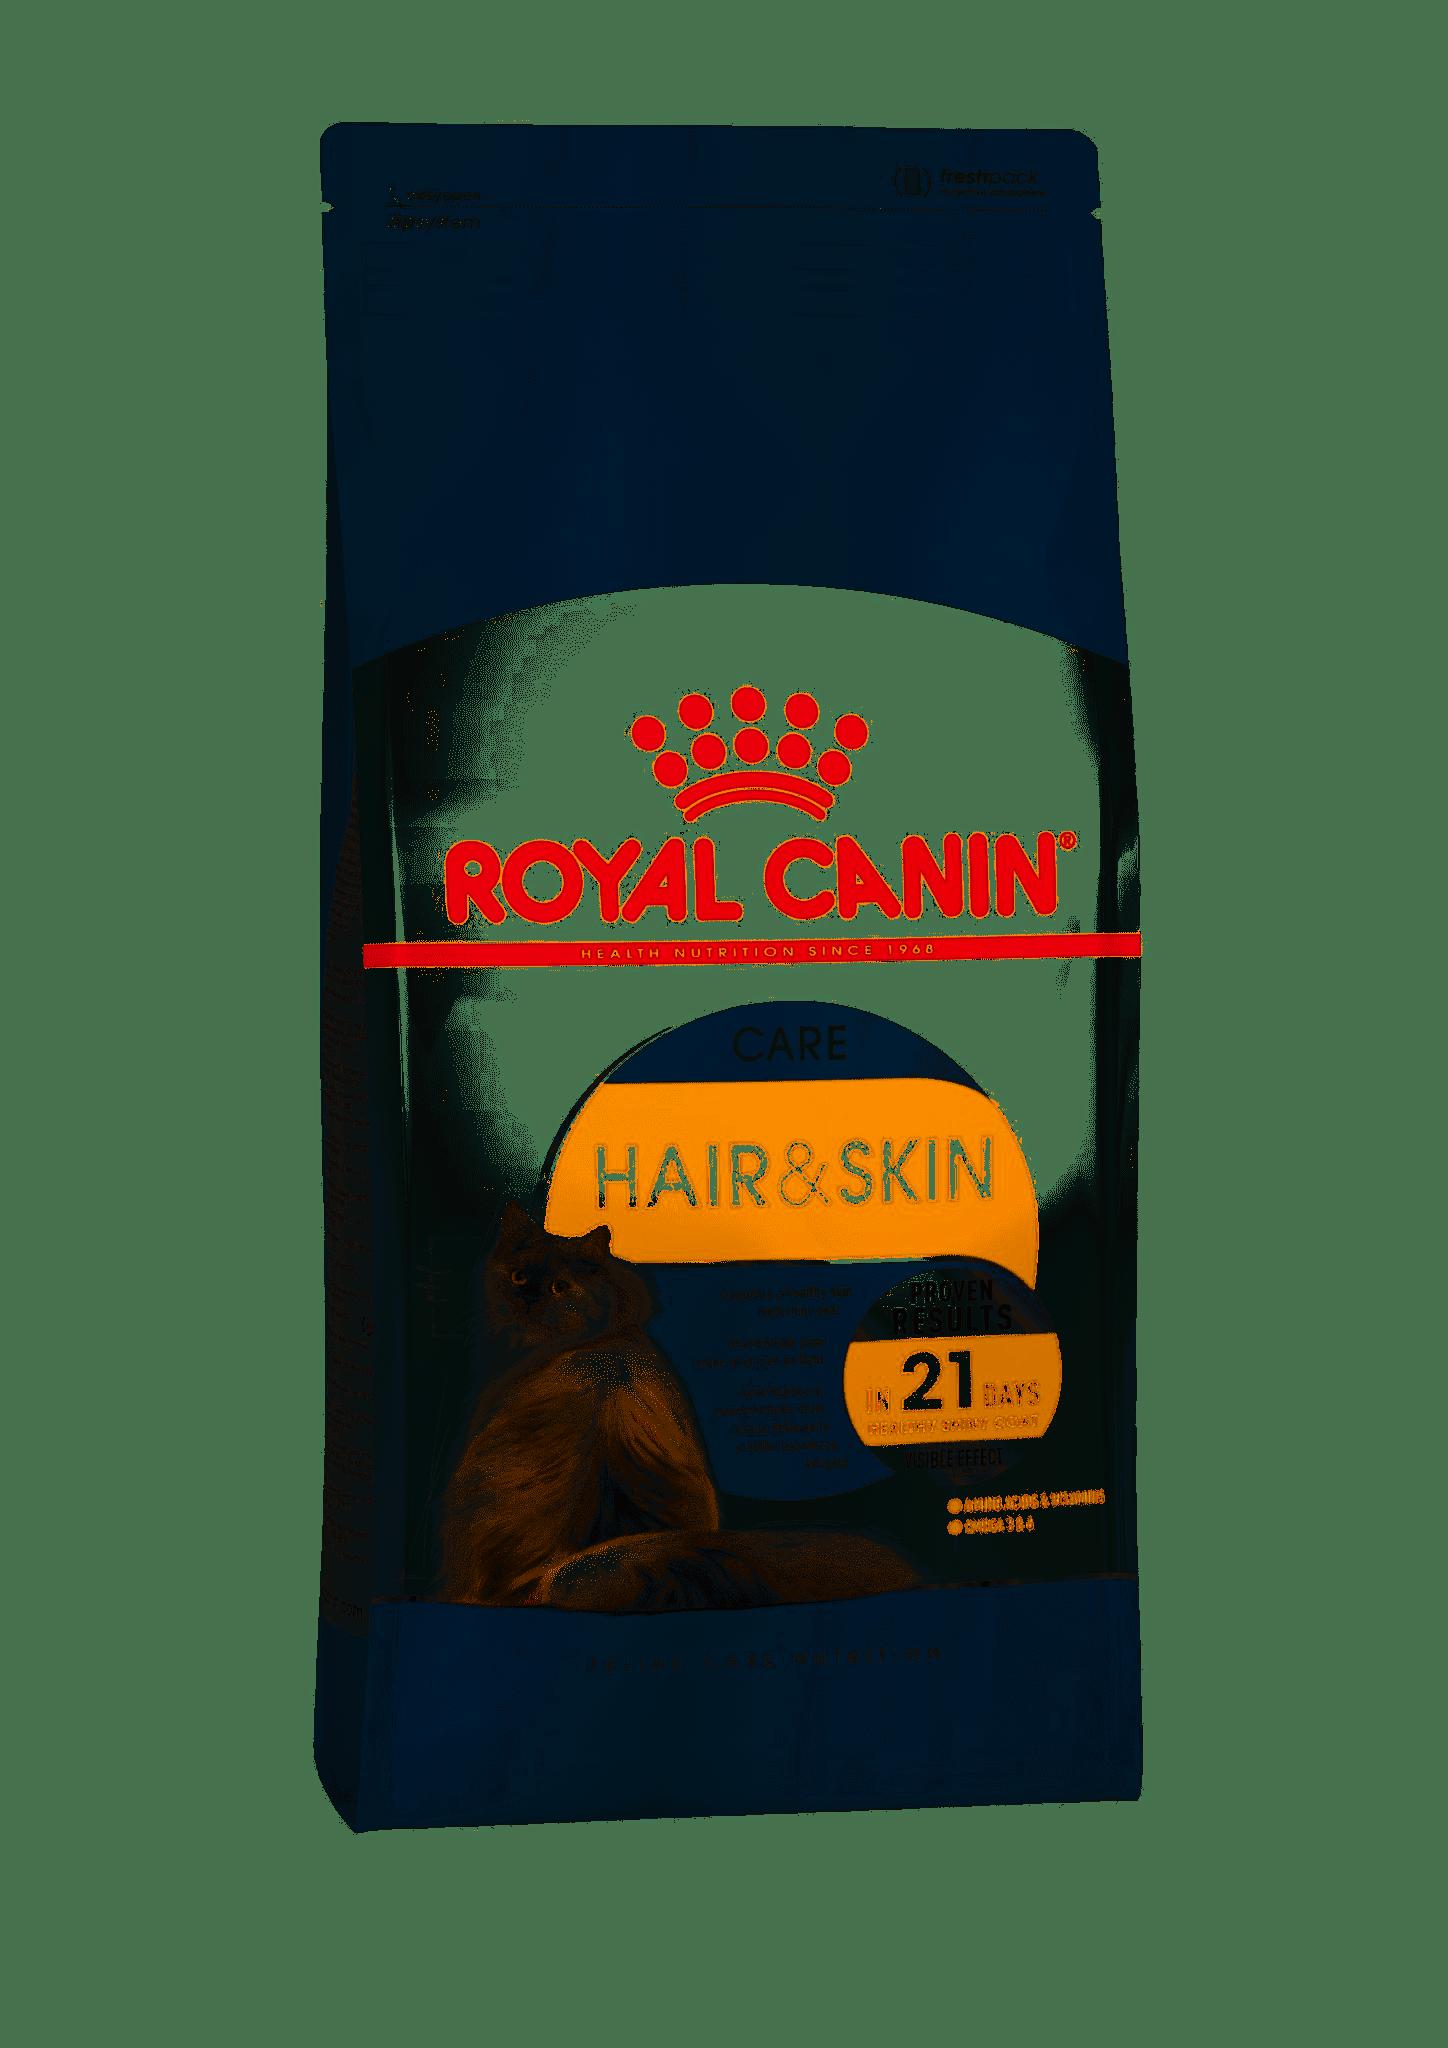 Royal Canin Hair & Skin Care для поддержания здоровья и шерсти кошек, Cat Food, For Cats, 2 кг